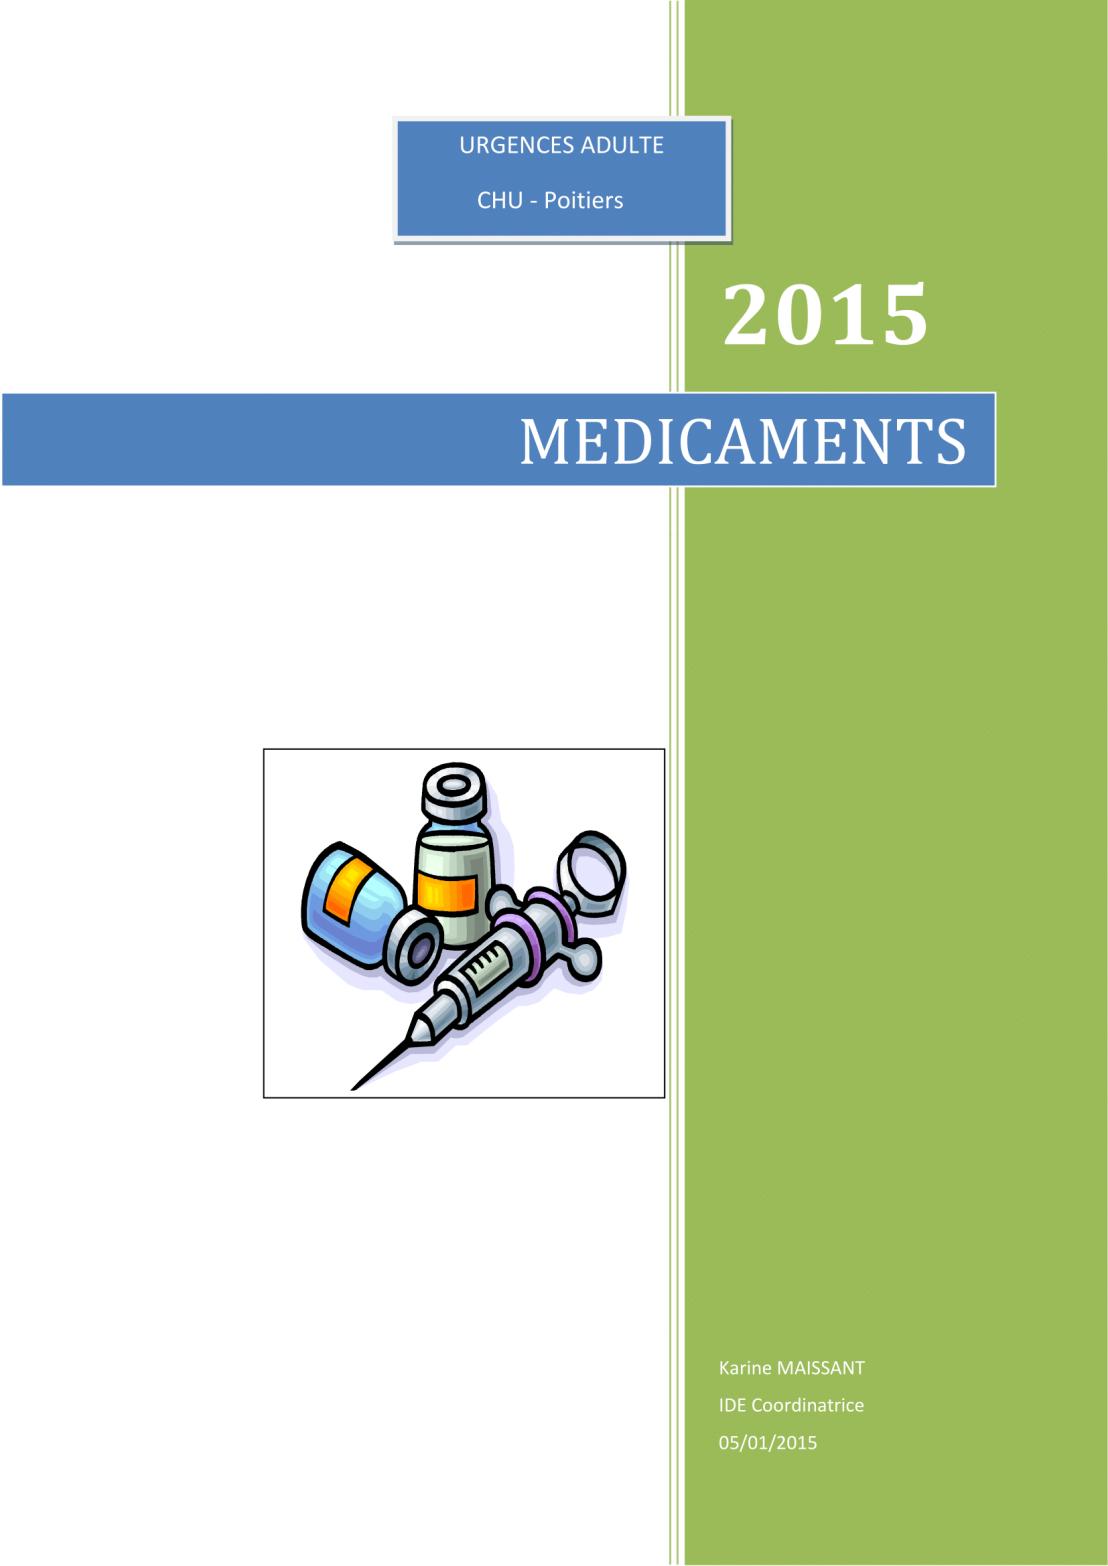 livret-mecc81dicaments-2015-001